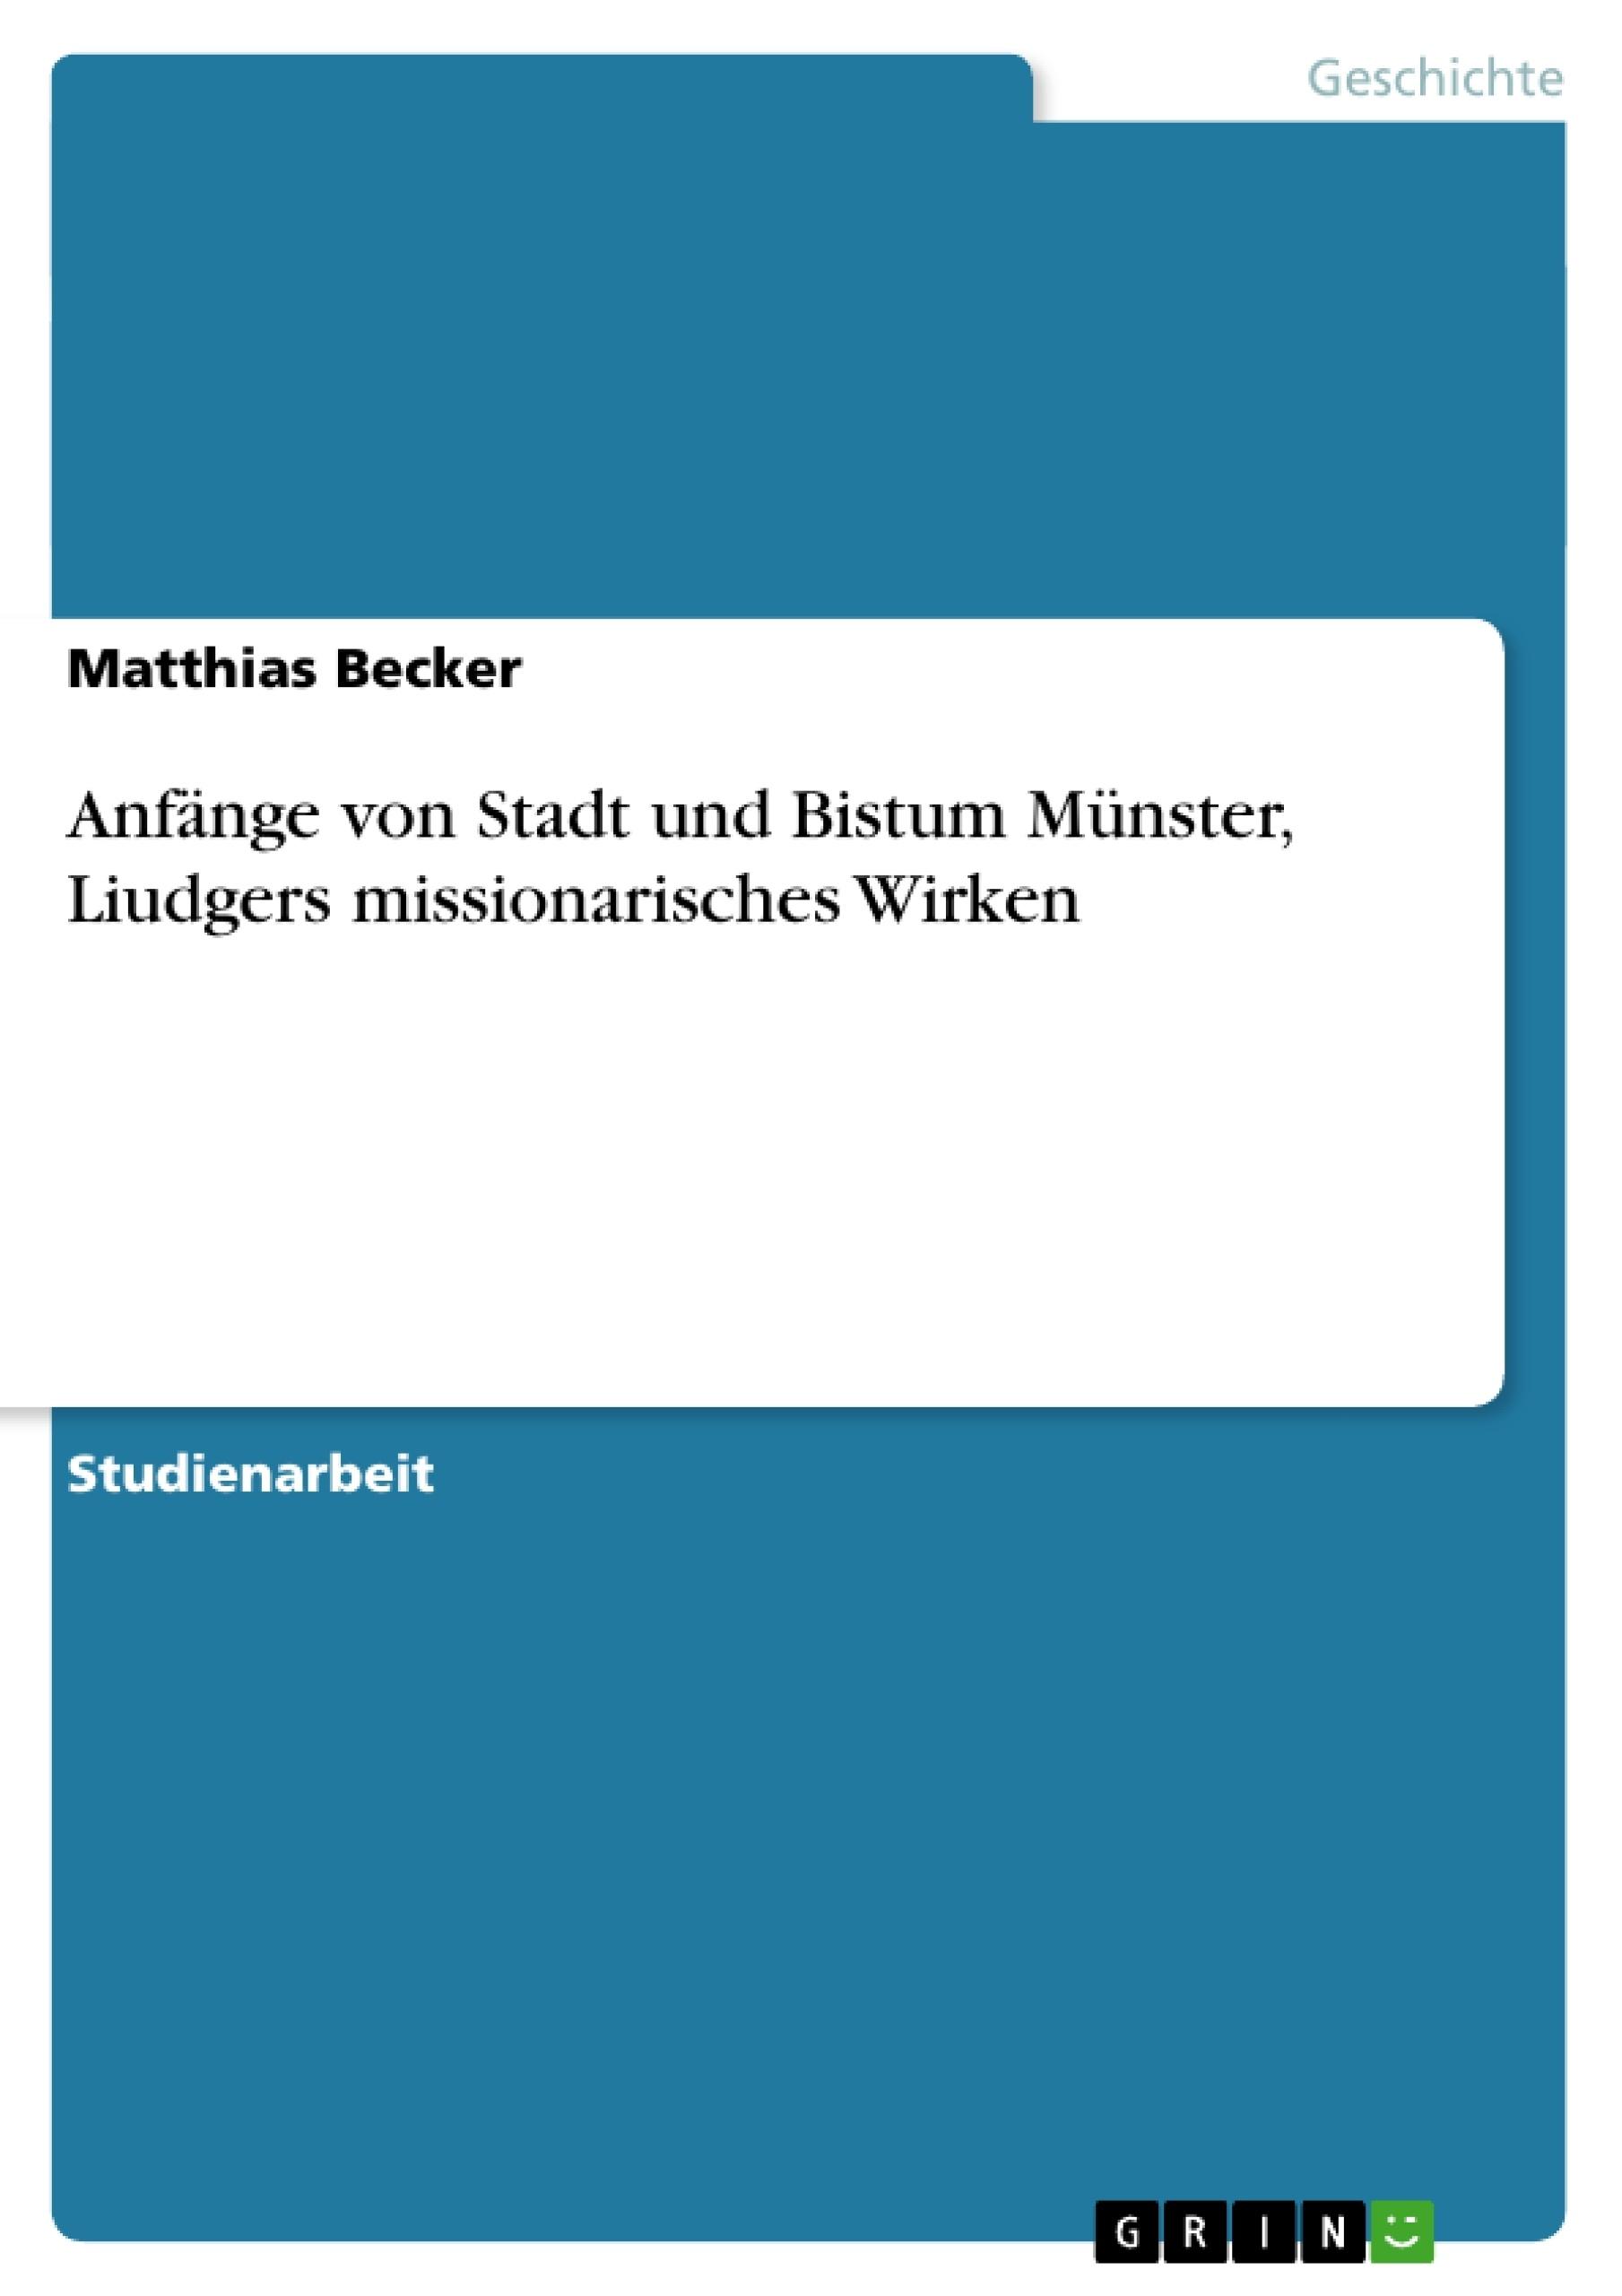 Titel: Anfänge von Stadt und Bistum Münster, Liudgers missionarisches Wirken